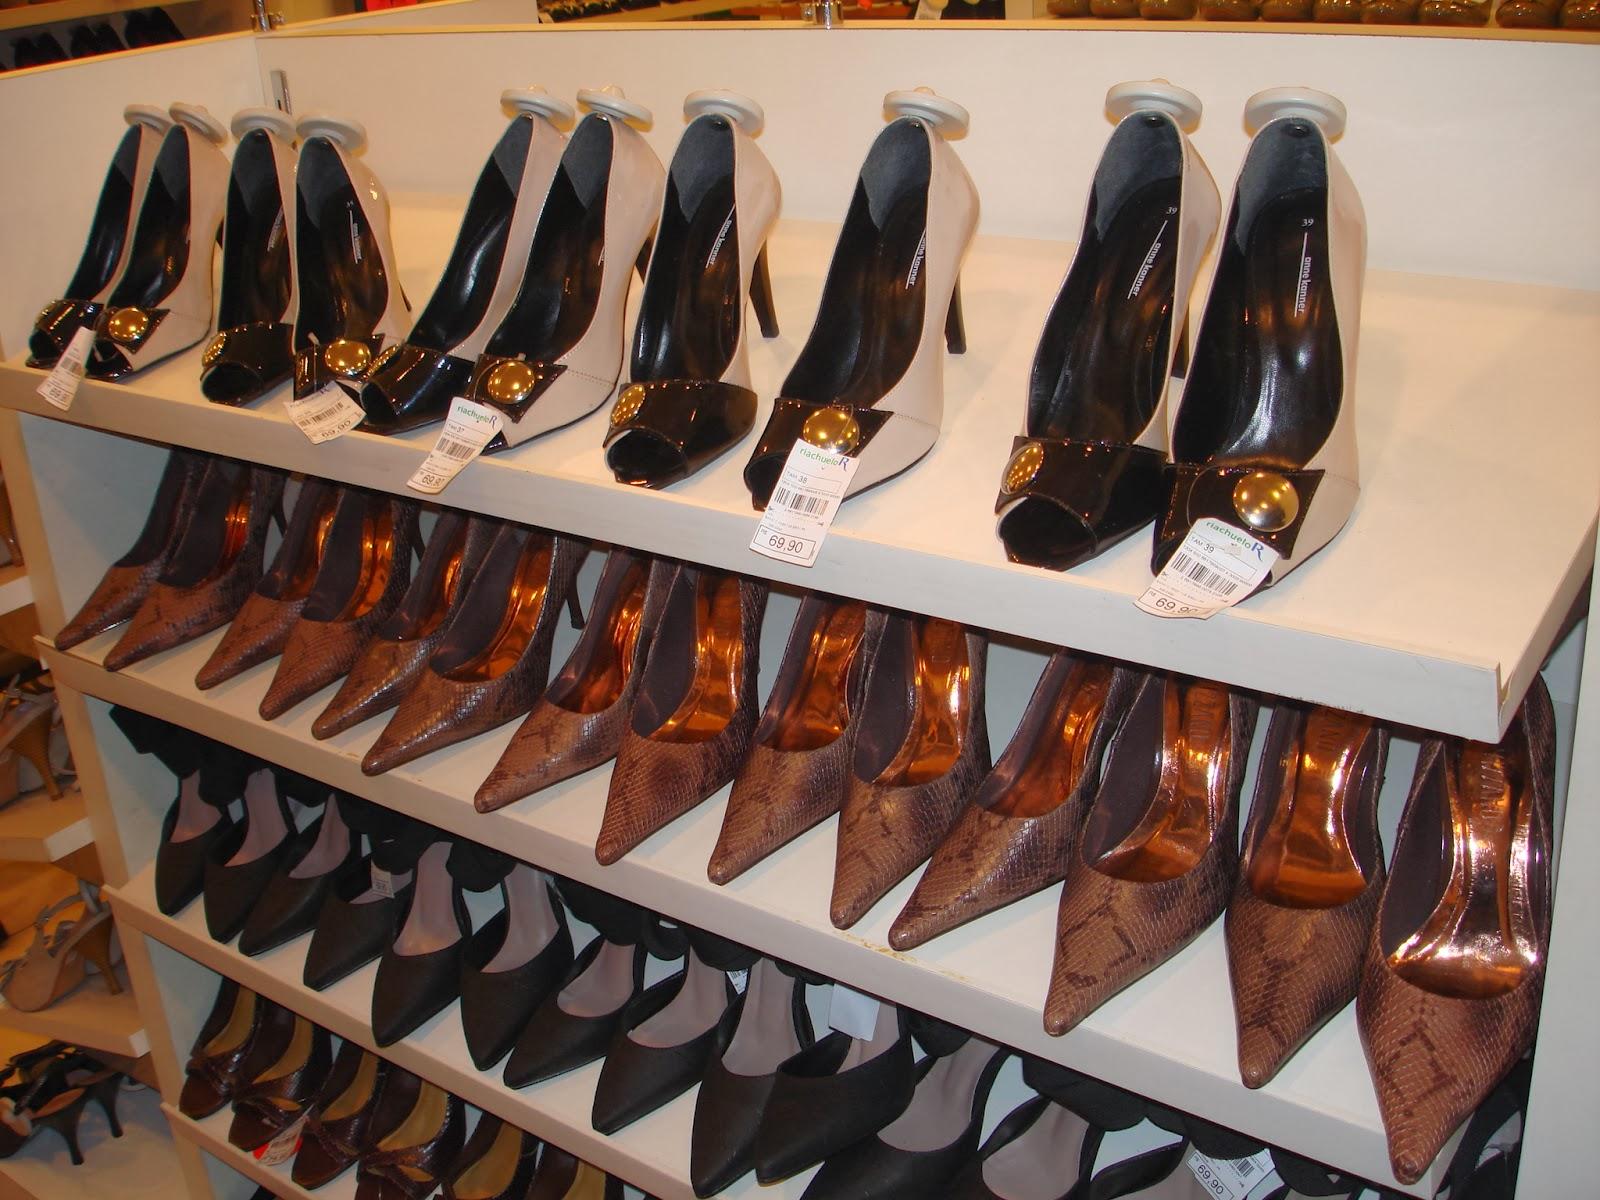 da Achados Belusca Belusca Achados Achados da Riachuelo Belusca Sapatos  Riachuelo Sapatos da Sapatos XxCwCYqfU c8073bdfe2